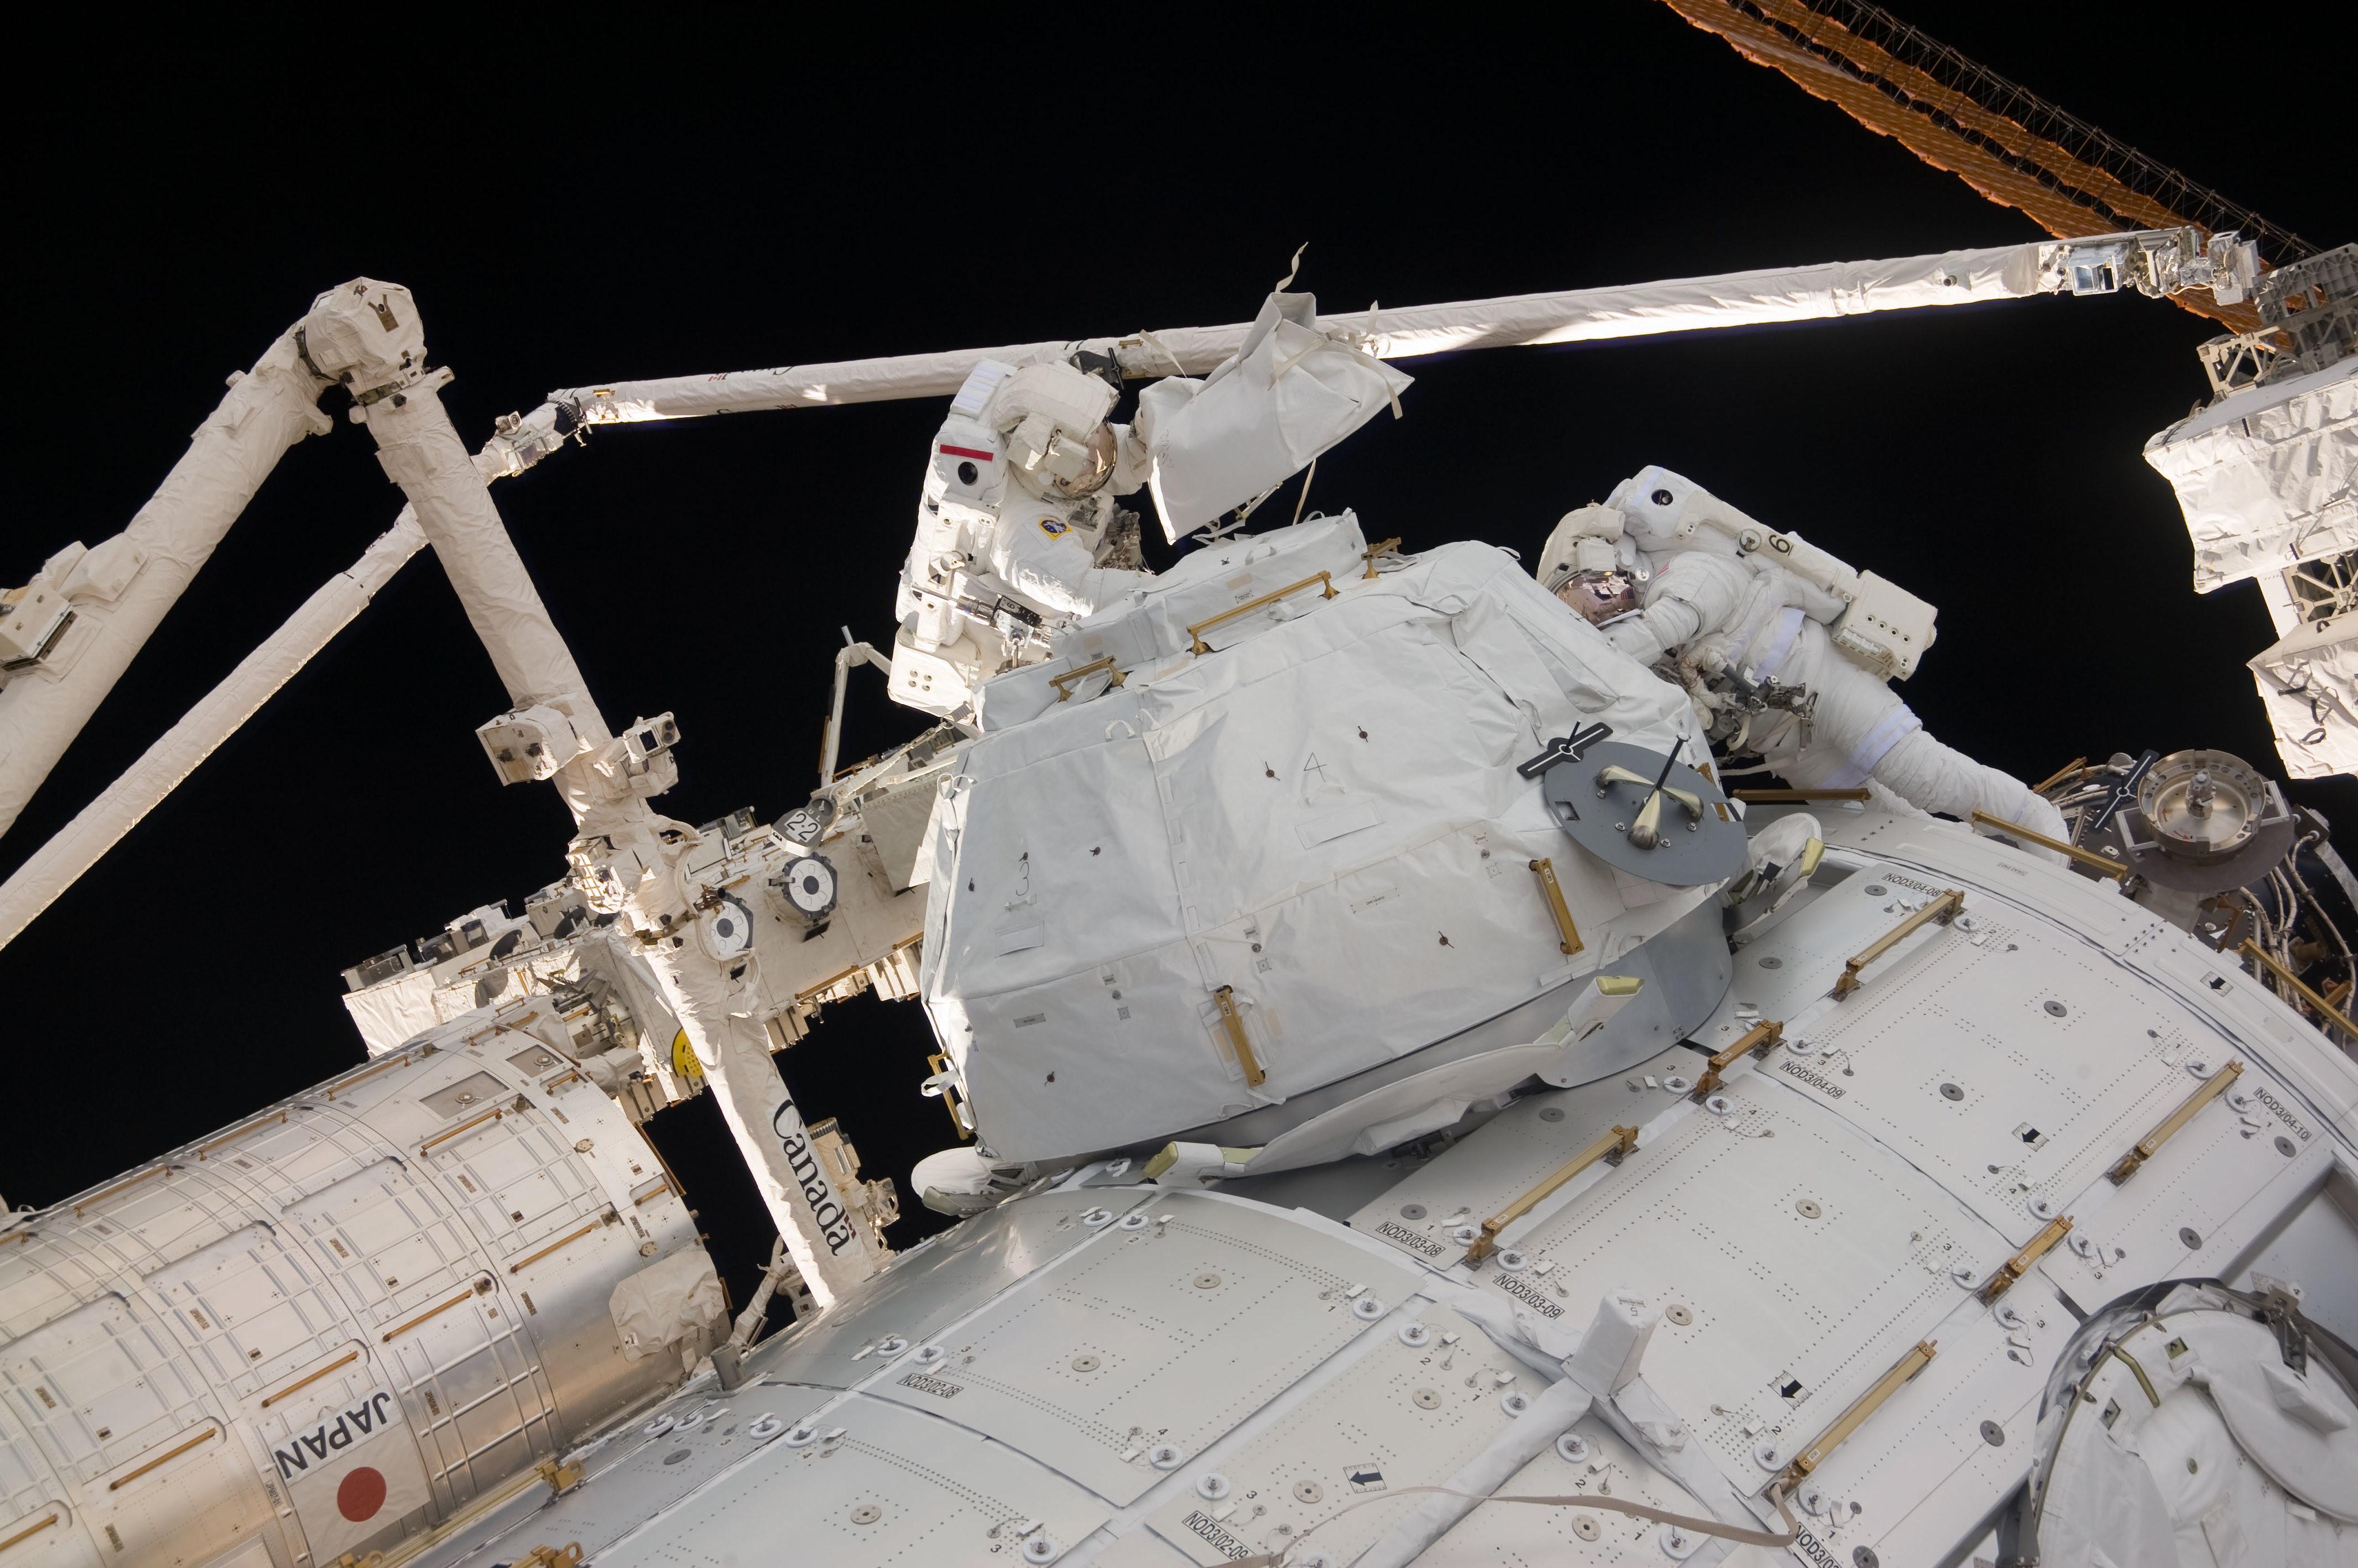 Astronauci Robert Behnken i Nicholas Patrick podczas spaceru kosmicznego w czasie misji STS-130 (Źródło: NASA)